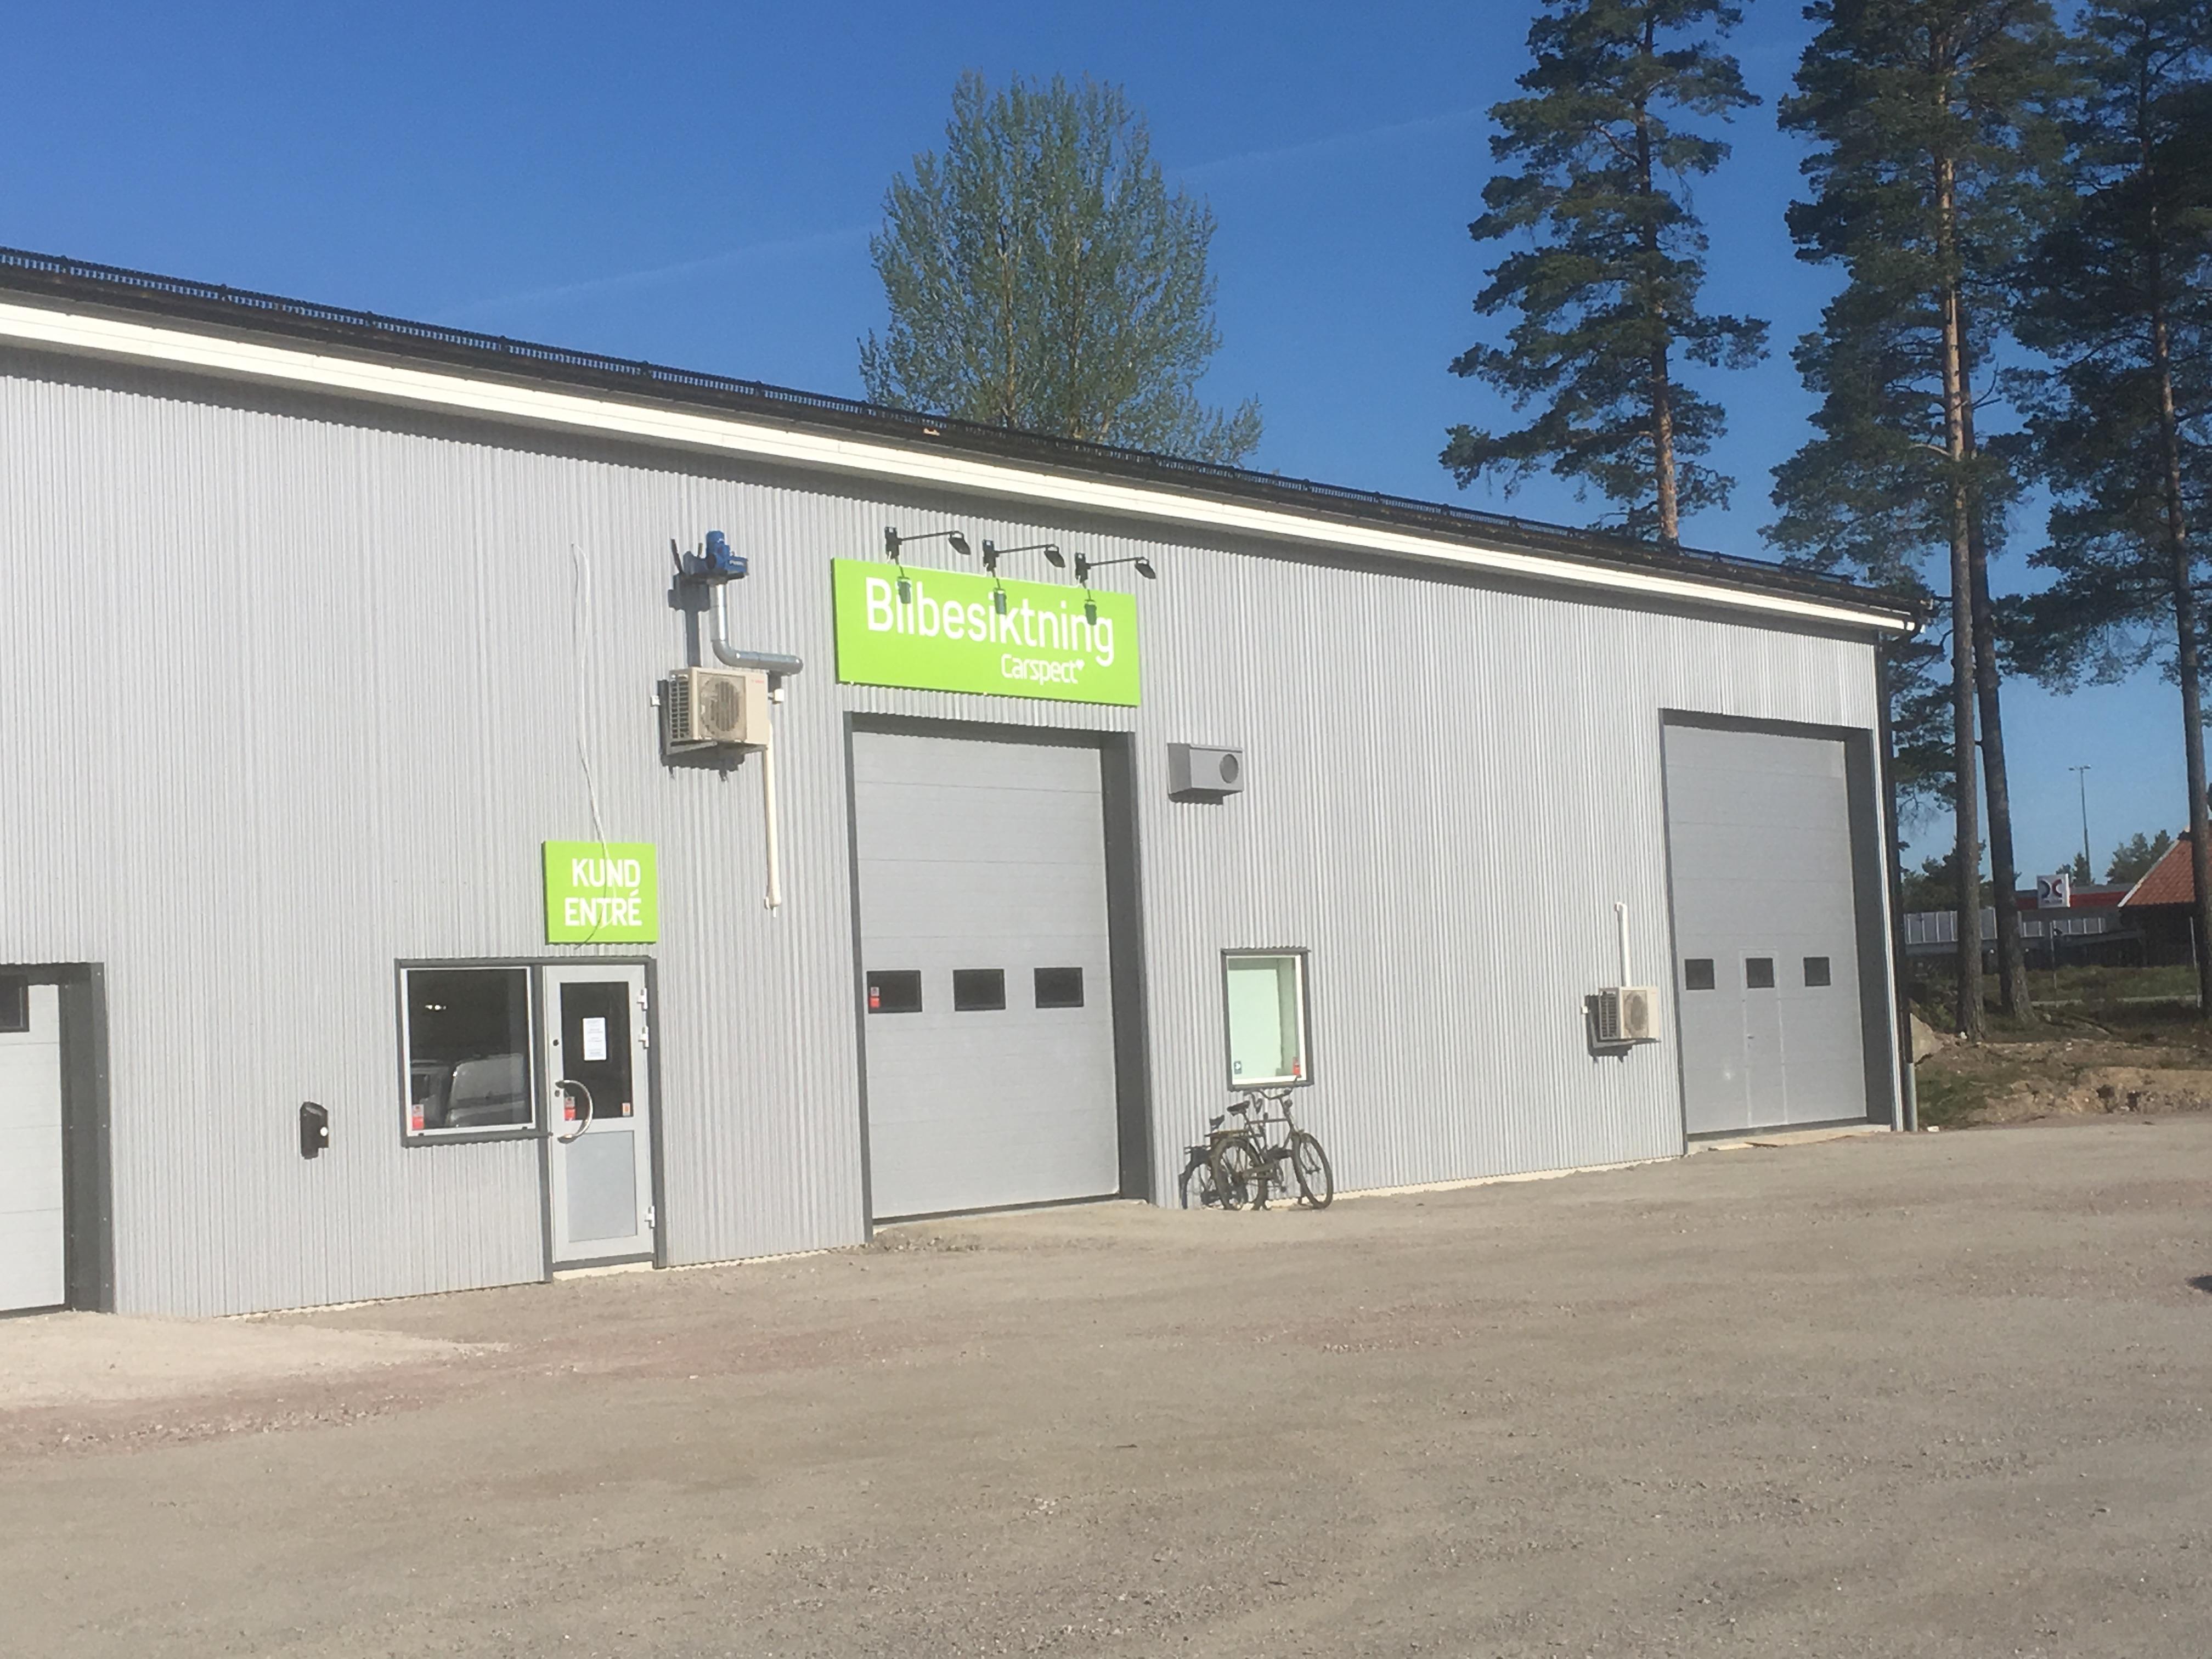 Carspects besiktningsstation i Surahammar Energivägen